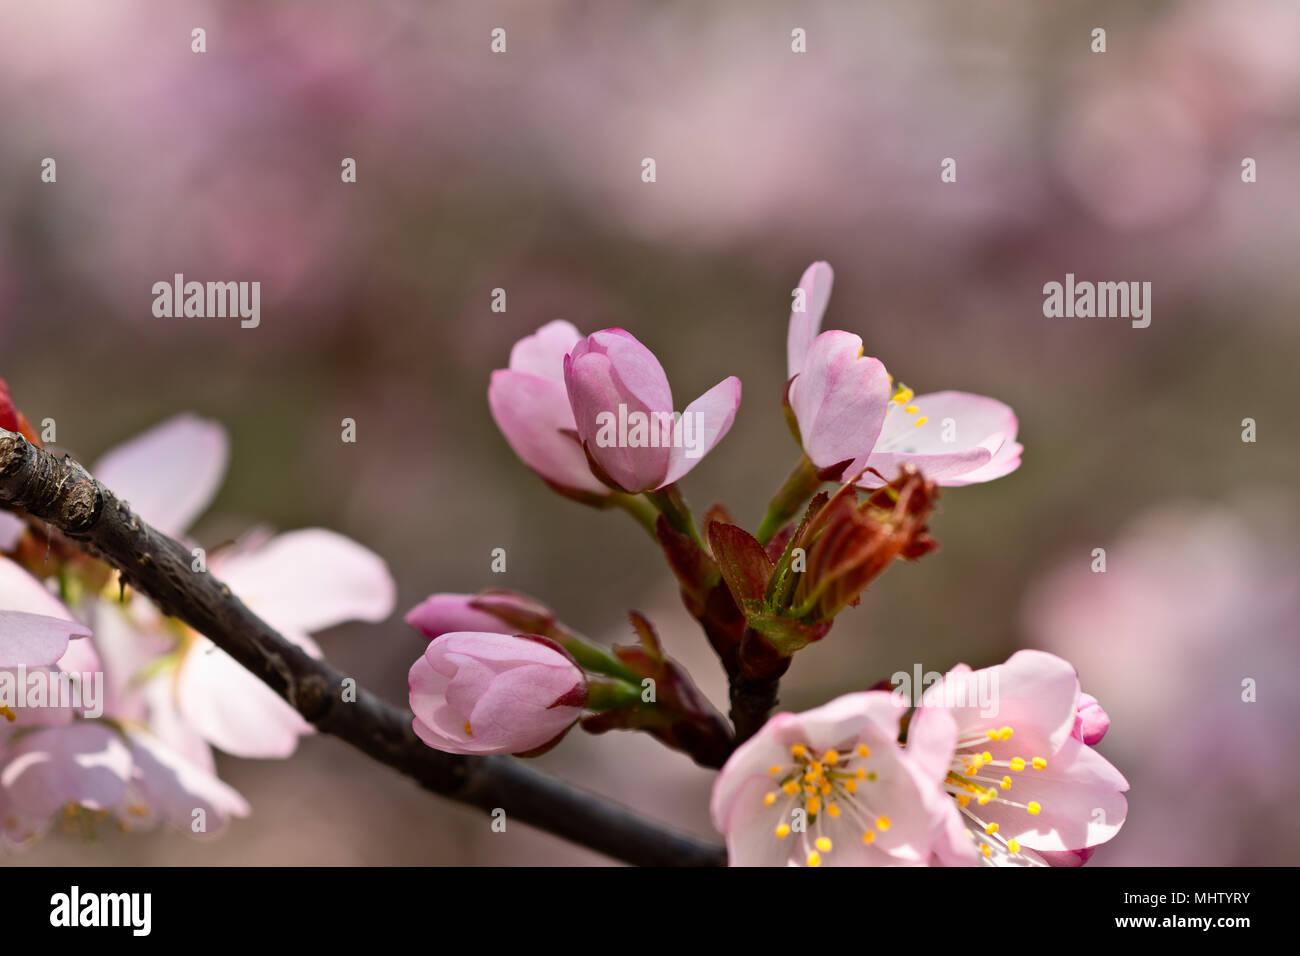 Arbol De Cerezo Japones rosa flor de cerezo japonés - sakura flor de un árbol. flor